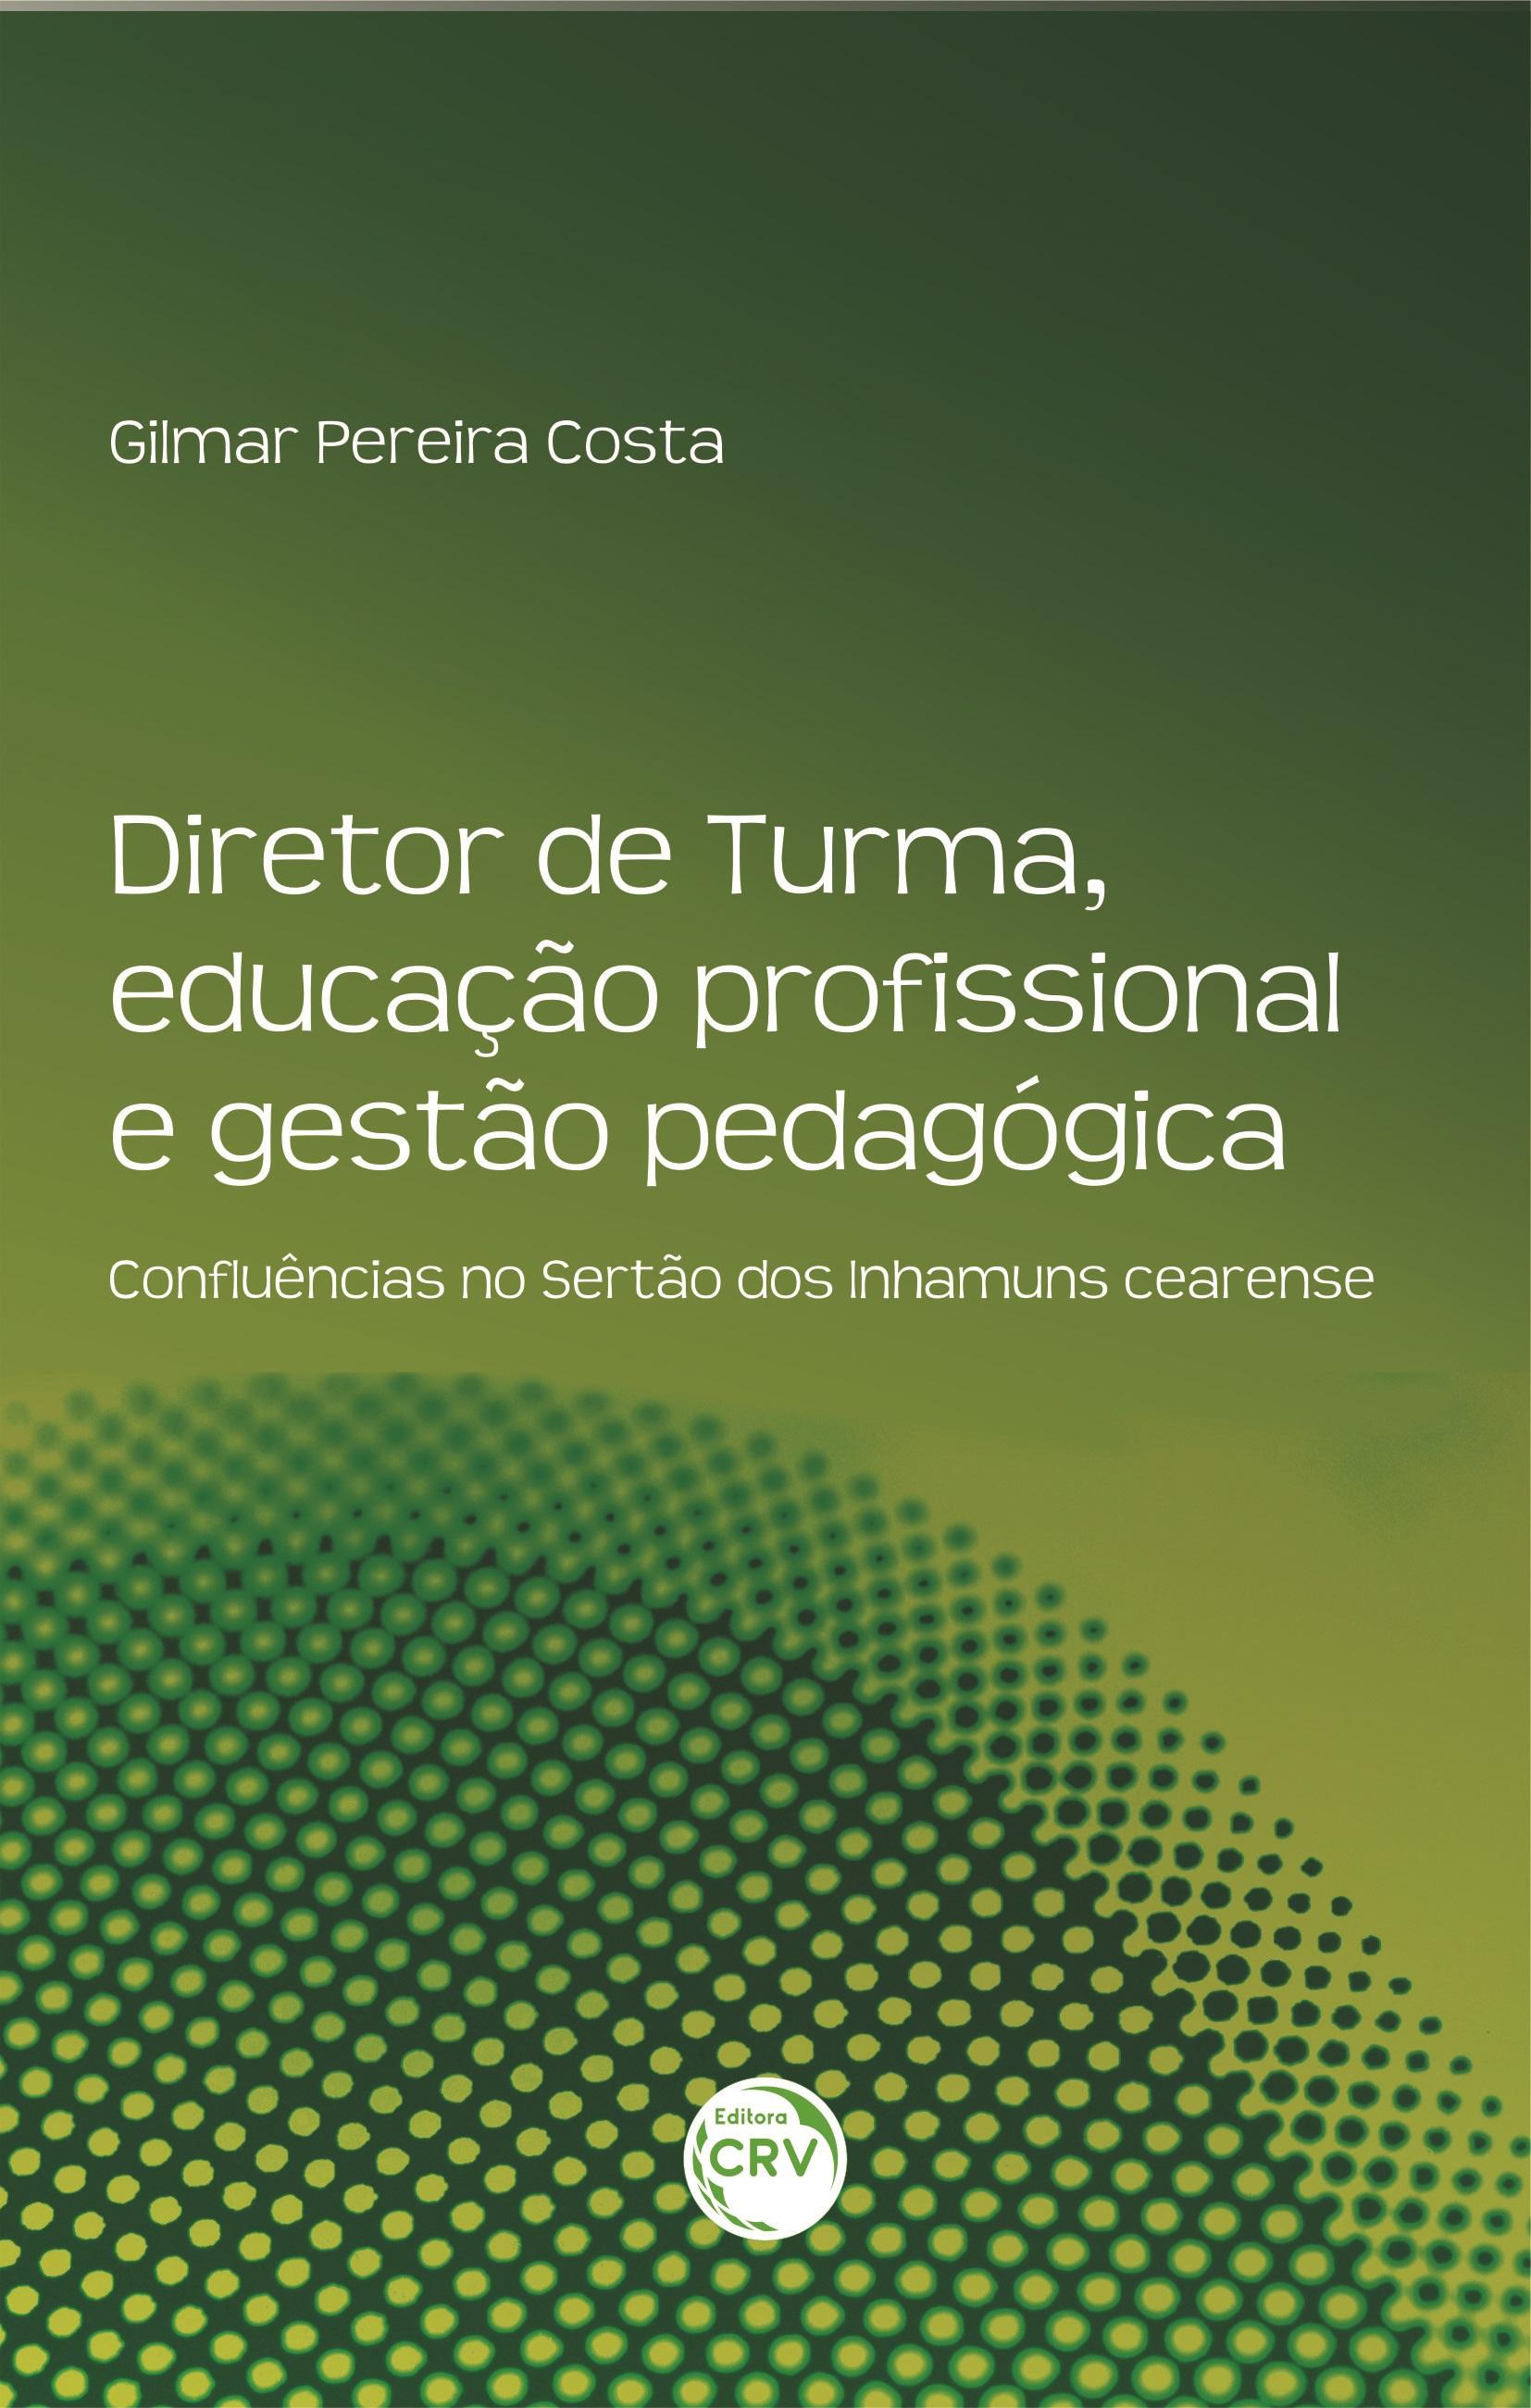 Capa do livro: DIRETOR DE TURMA, EDUCAÇÃO PROFISSIONAL E GESTÃO PEDAGÓGICA:  <br>confluências no Sertão dos Inhamuns cearense